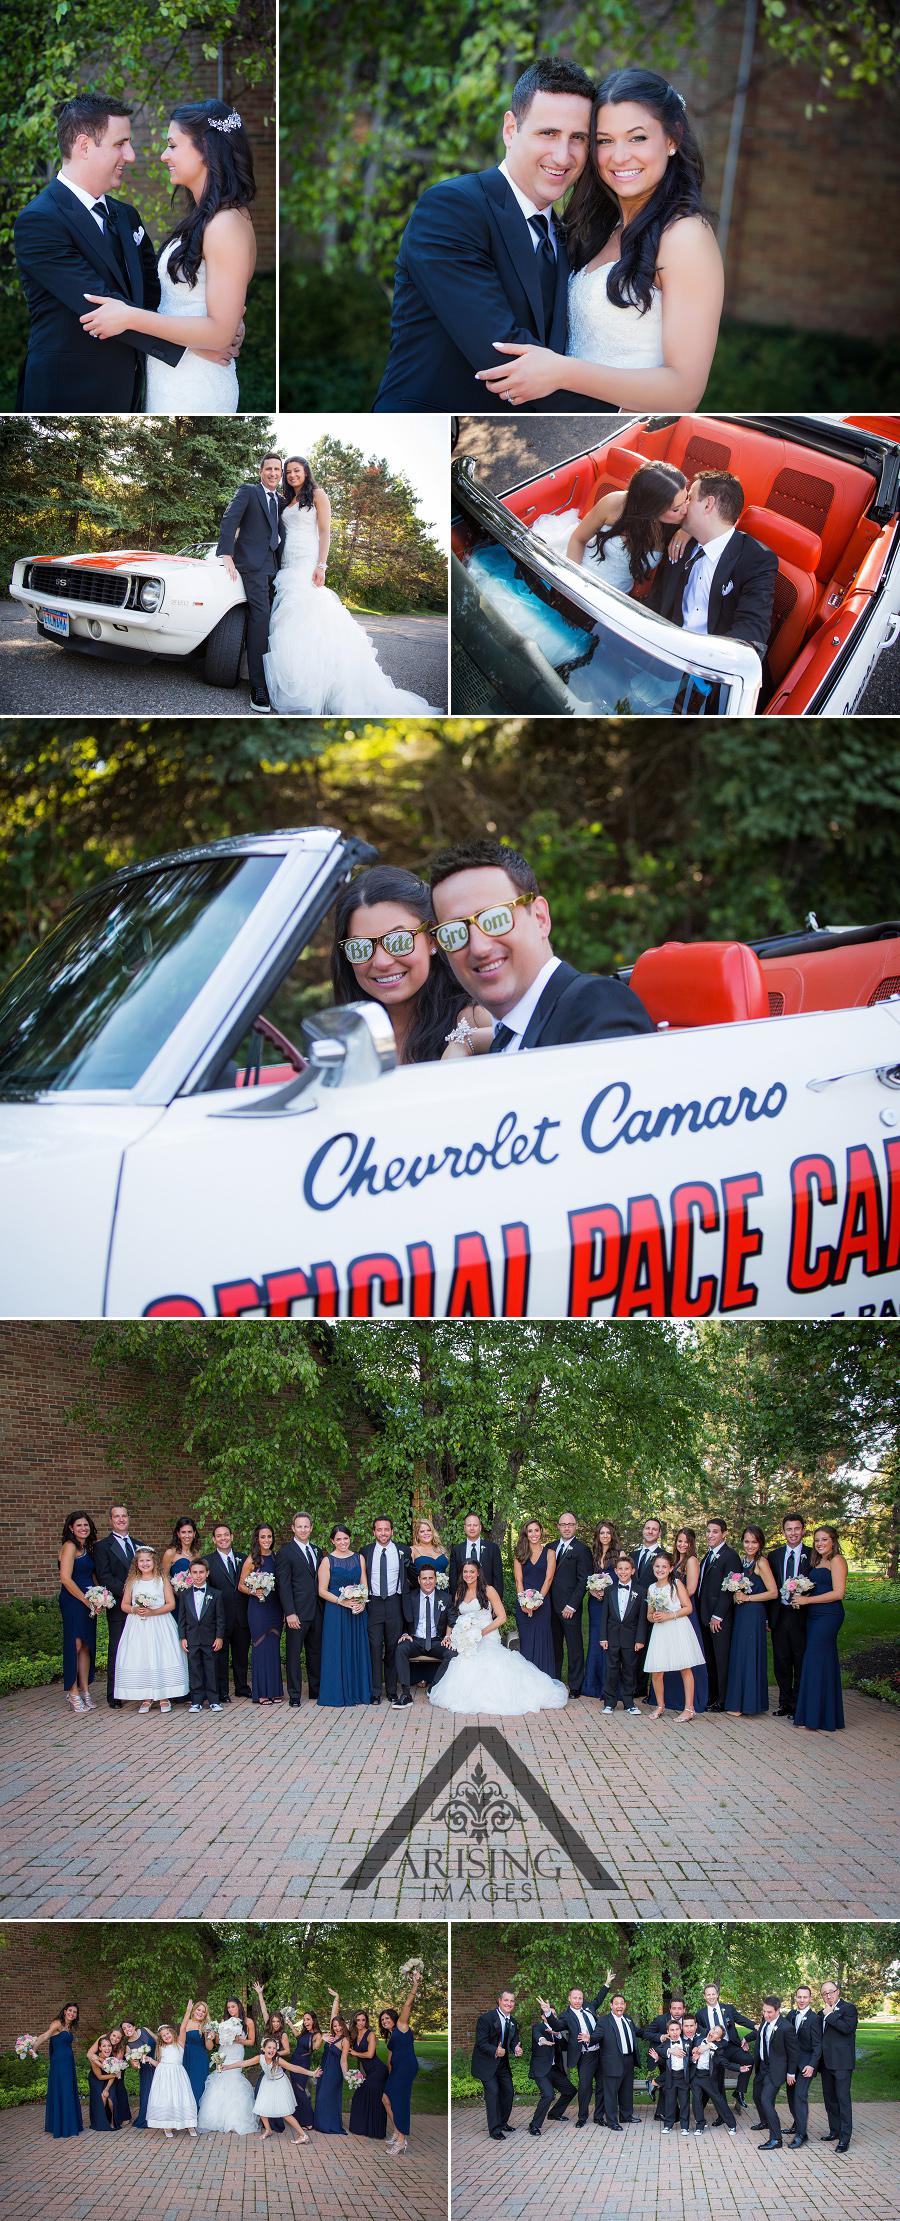 Fun Wedding photographers in Michigan